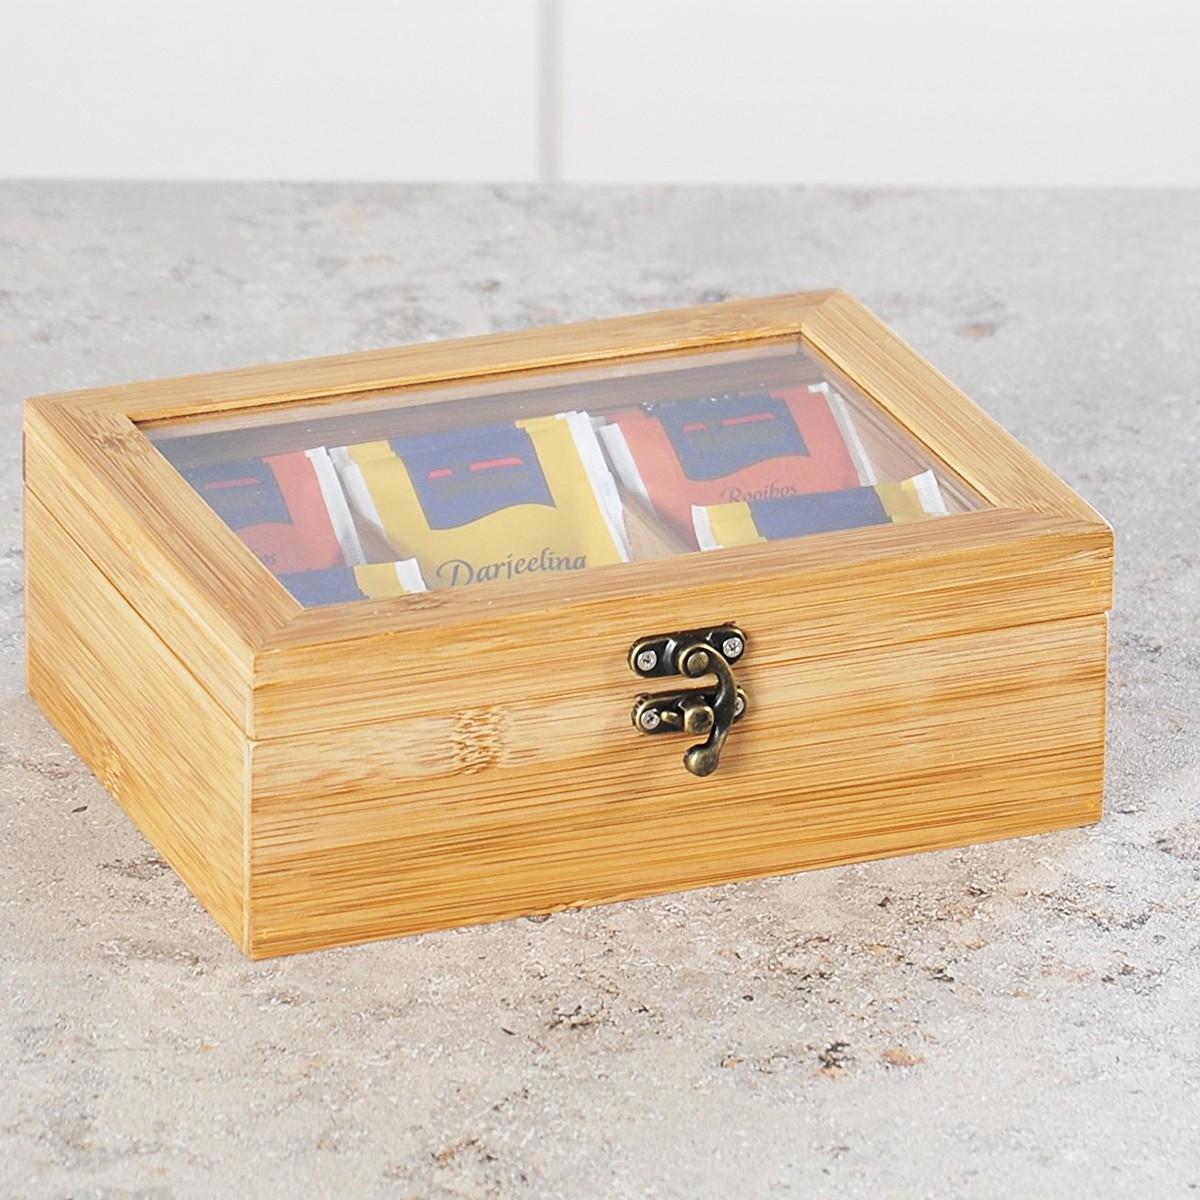 Boîte de rangement en bois avec fenêtre en verre transparent pour sachets de thé et capsules de café